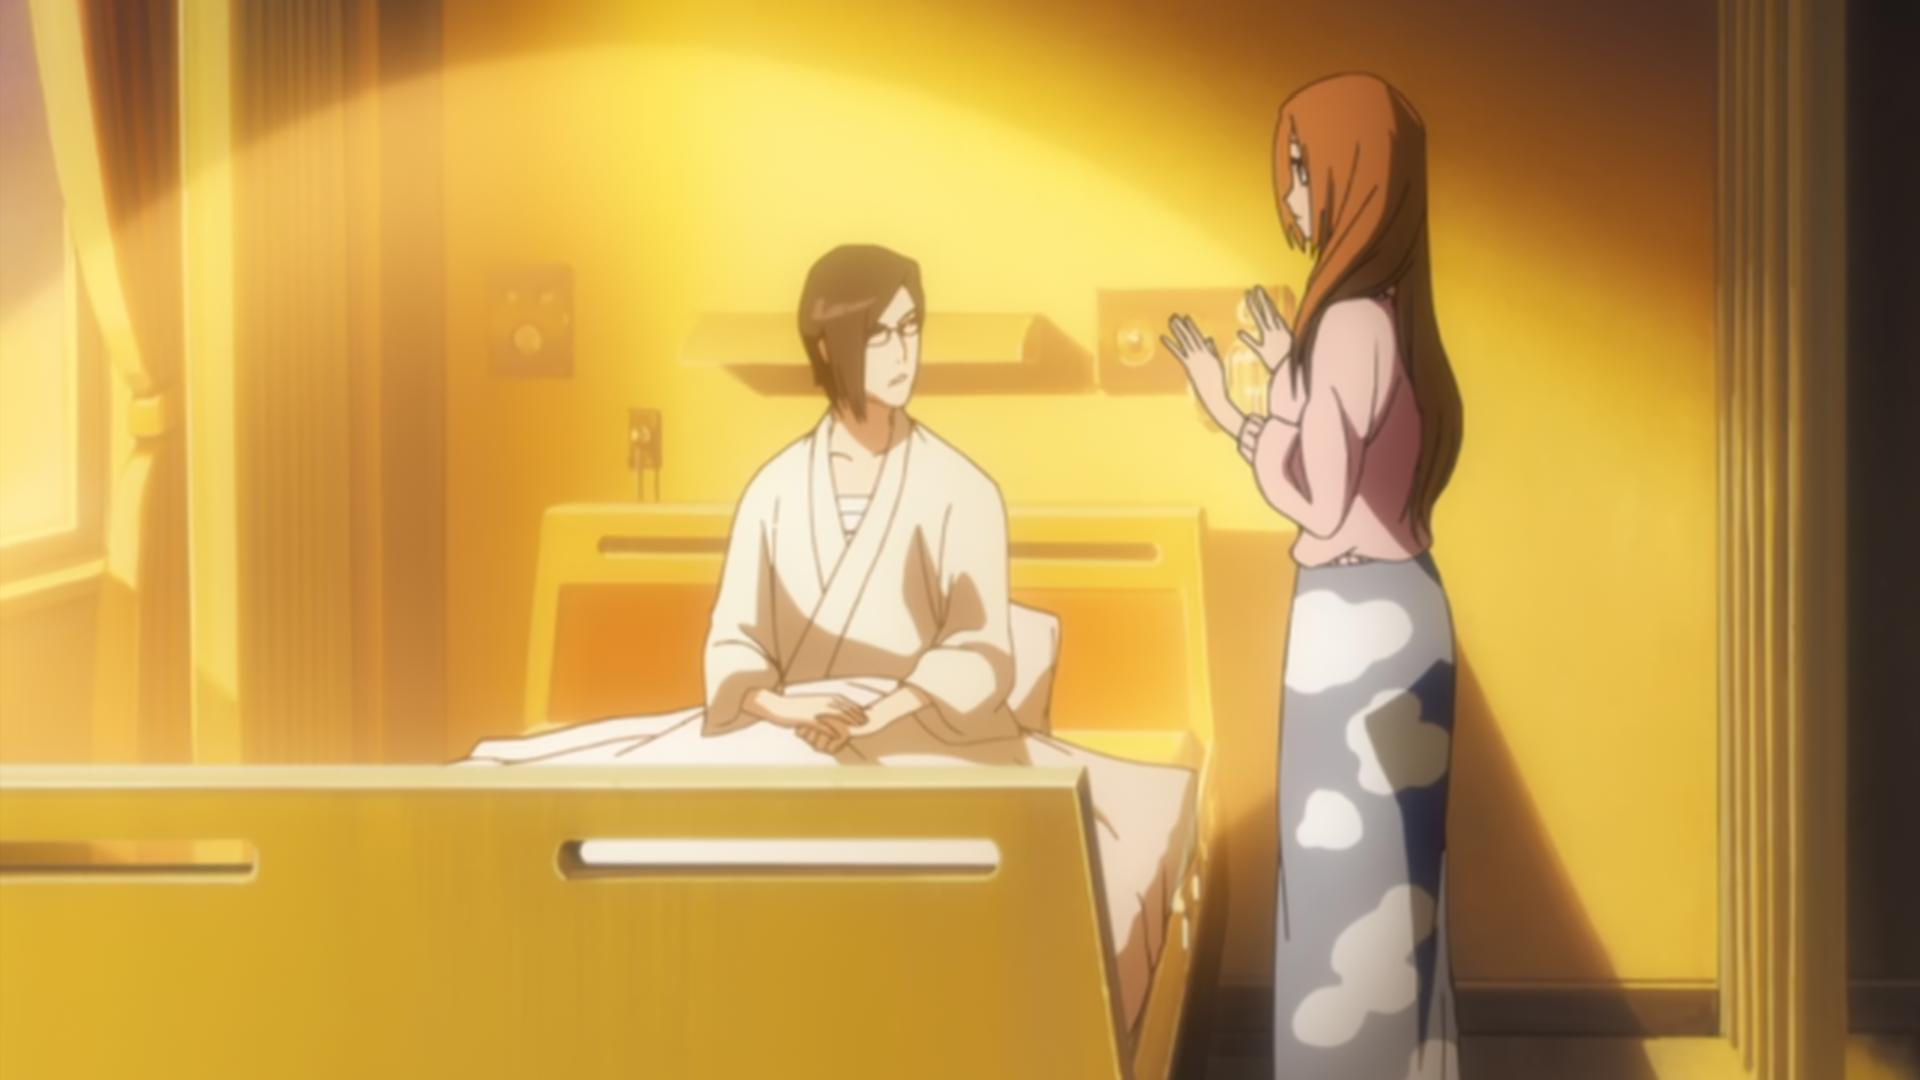 uryu ishida vs mayuri kurotsuchi latino dating